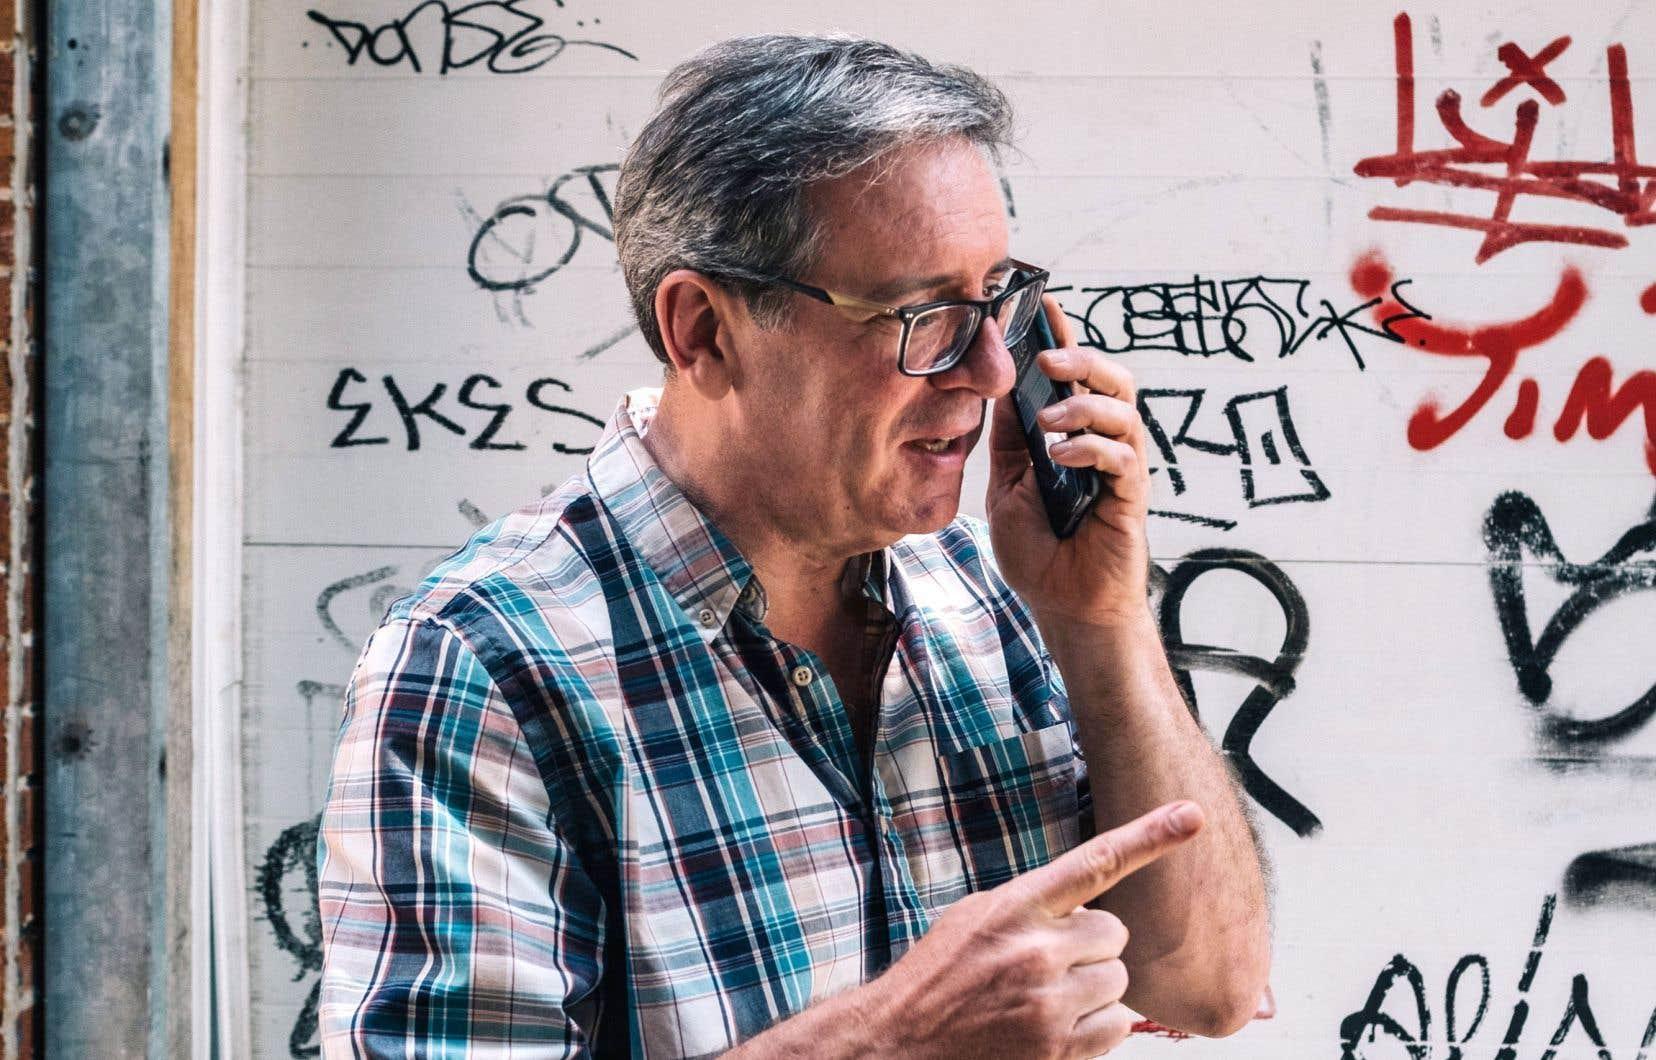 Le scénariste de cette épatante série, Michel Viau, en conversation téléphonique avec l'illustrateur Ghyslain Duguay